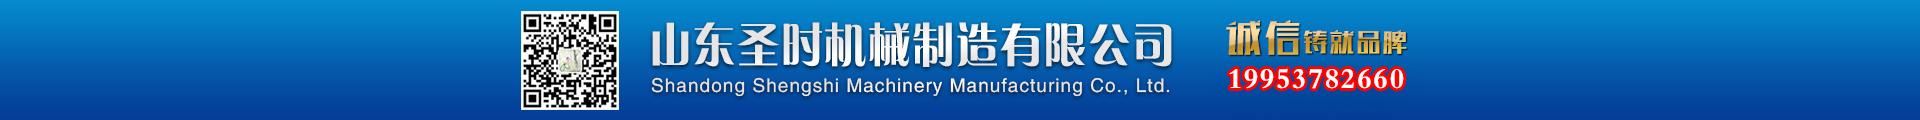 山東聖時機械製造有限公司